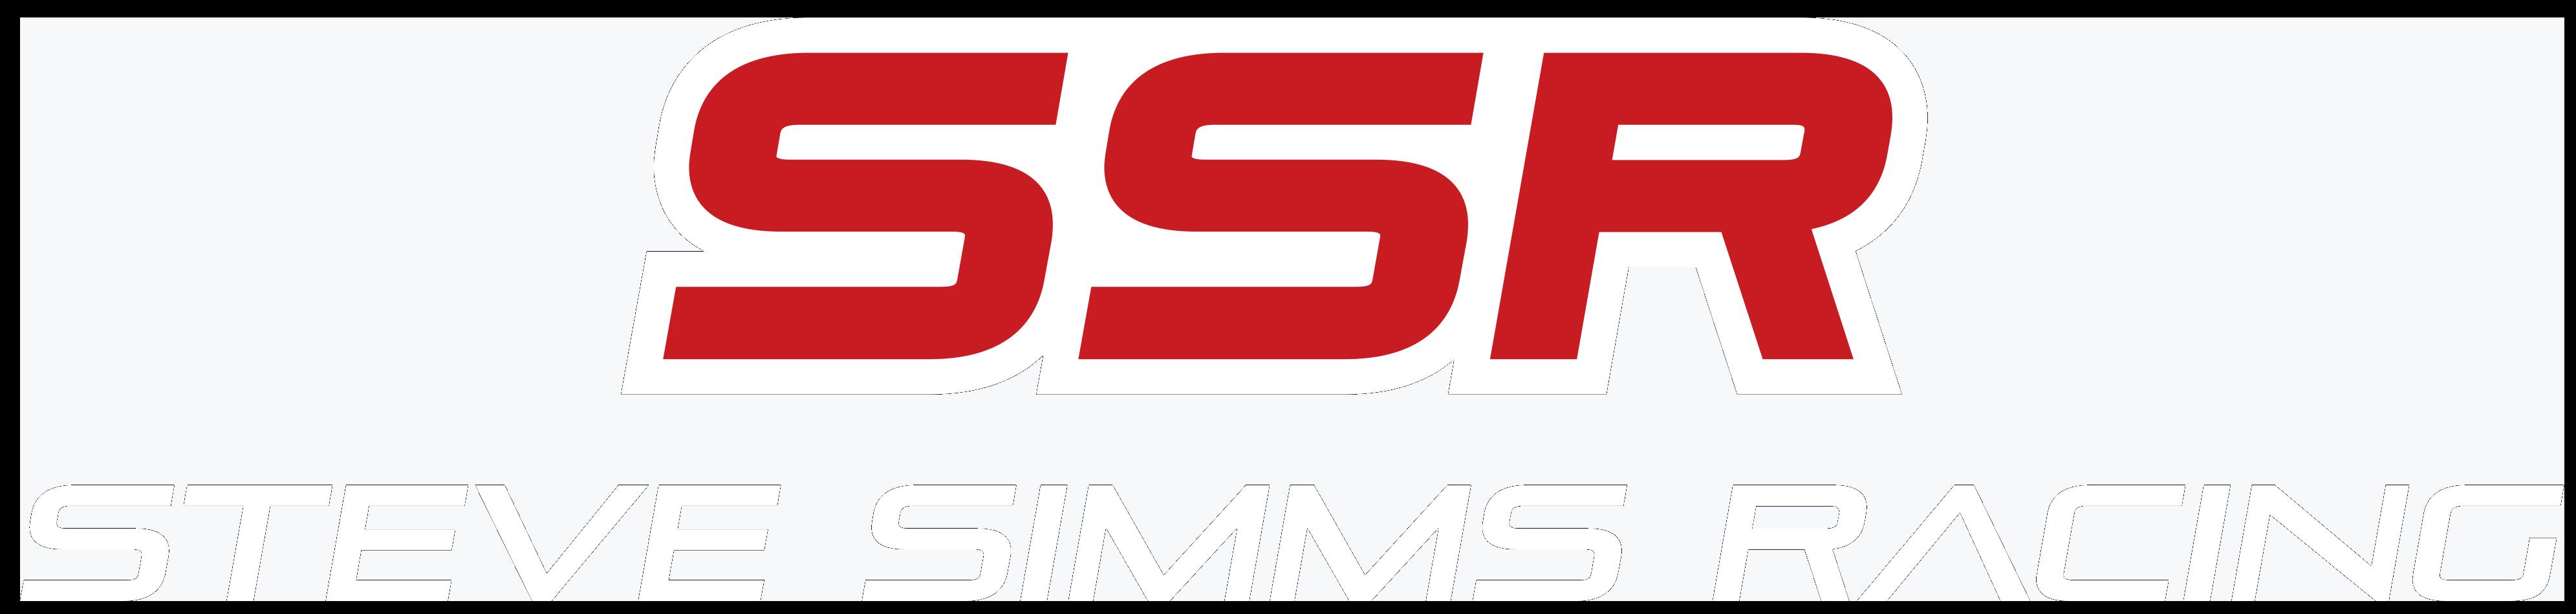 SSR-MX